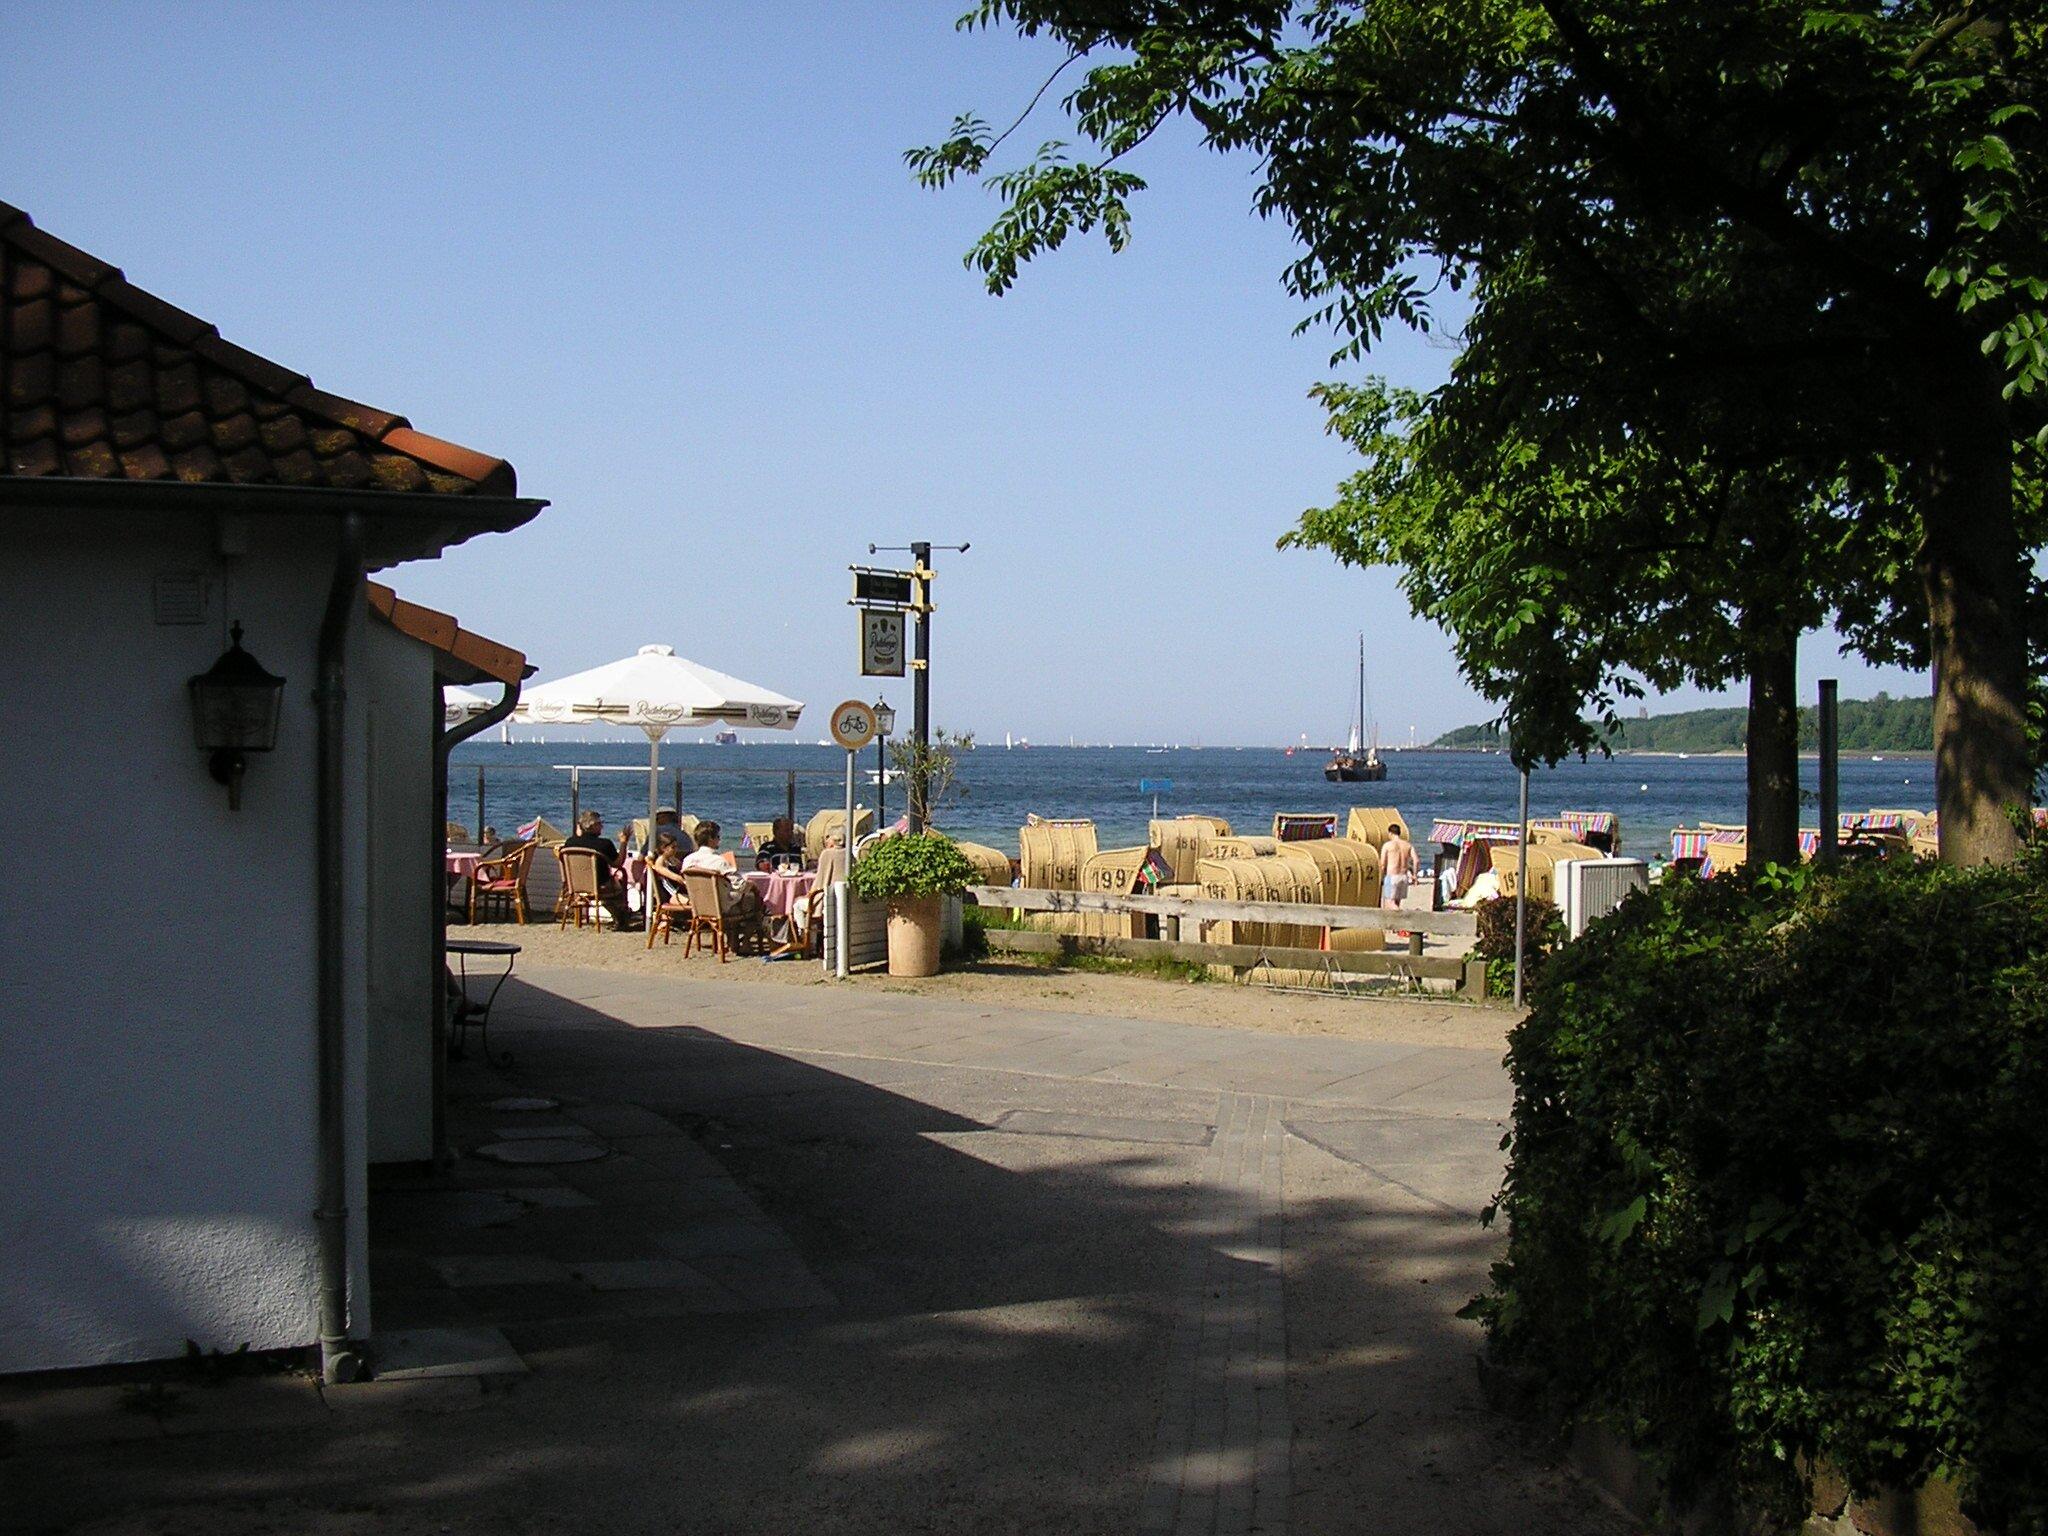 In mitten von Feldern